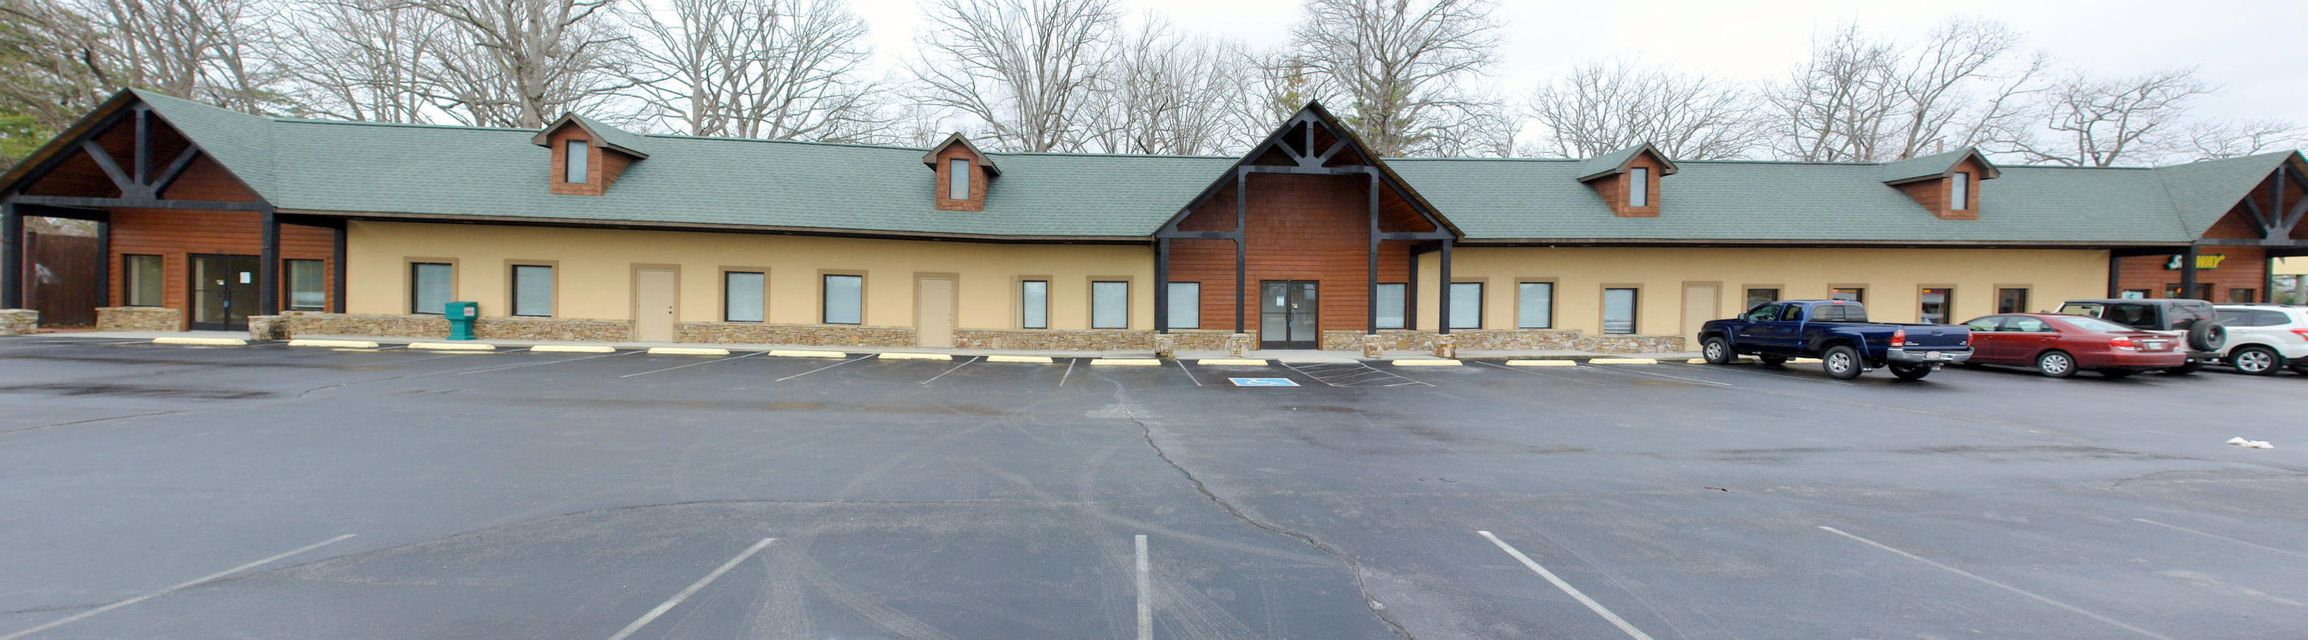 Comercial por un Venta en 4147 U.S Hwy127 North Crossville, Tennessee 38571 Estados Unidos